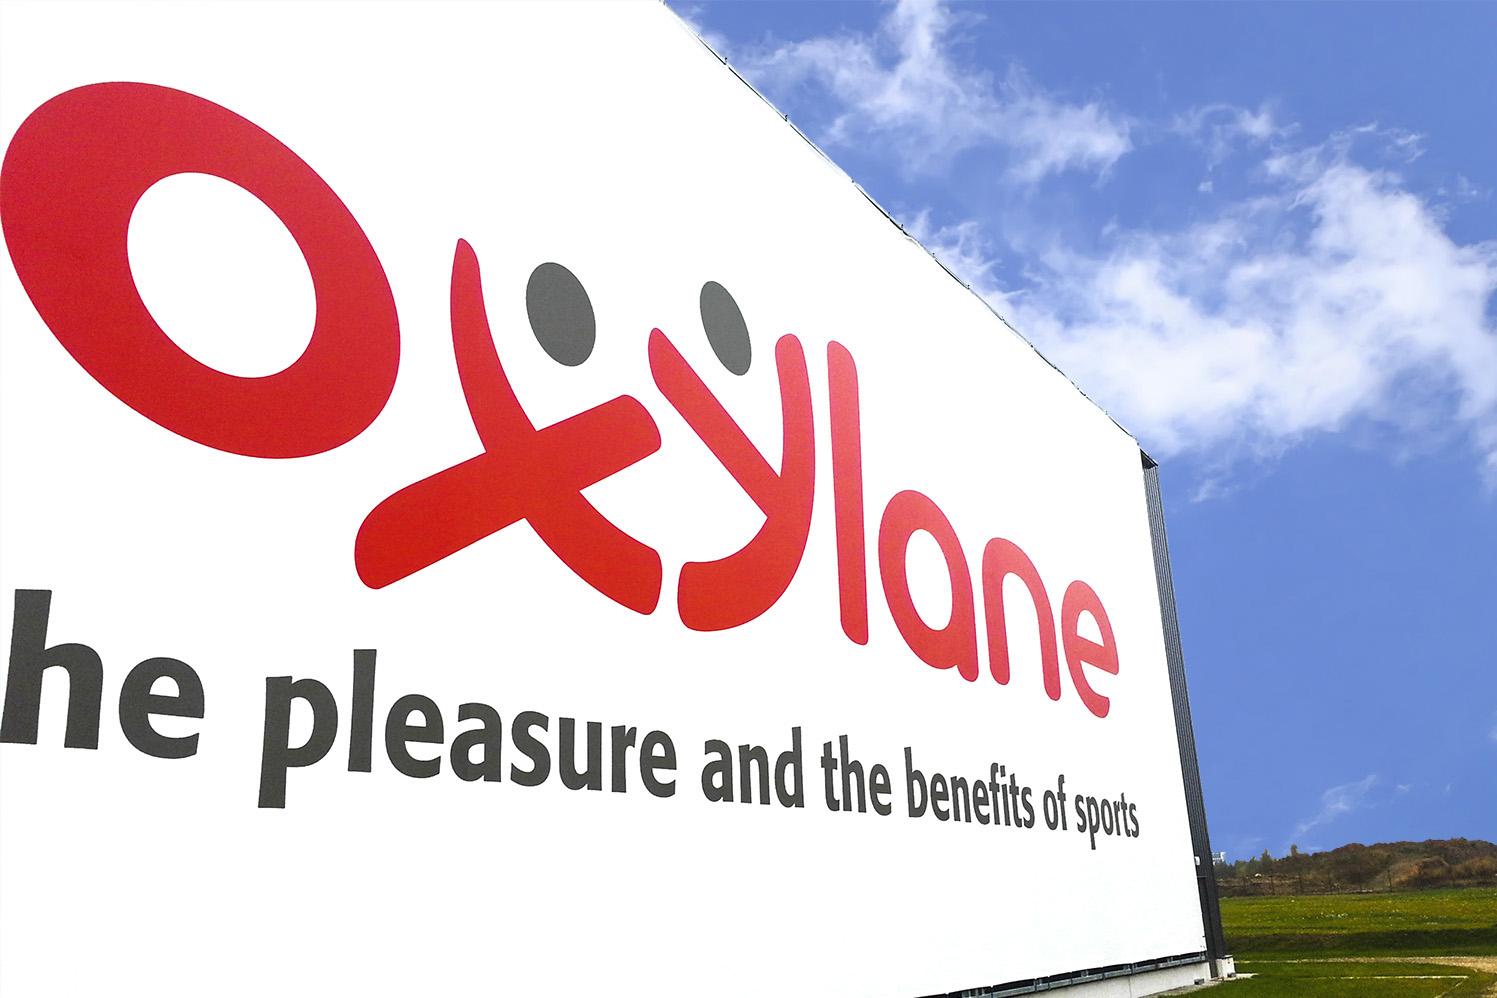 oxylane_01